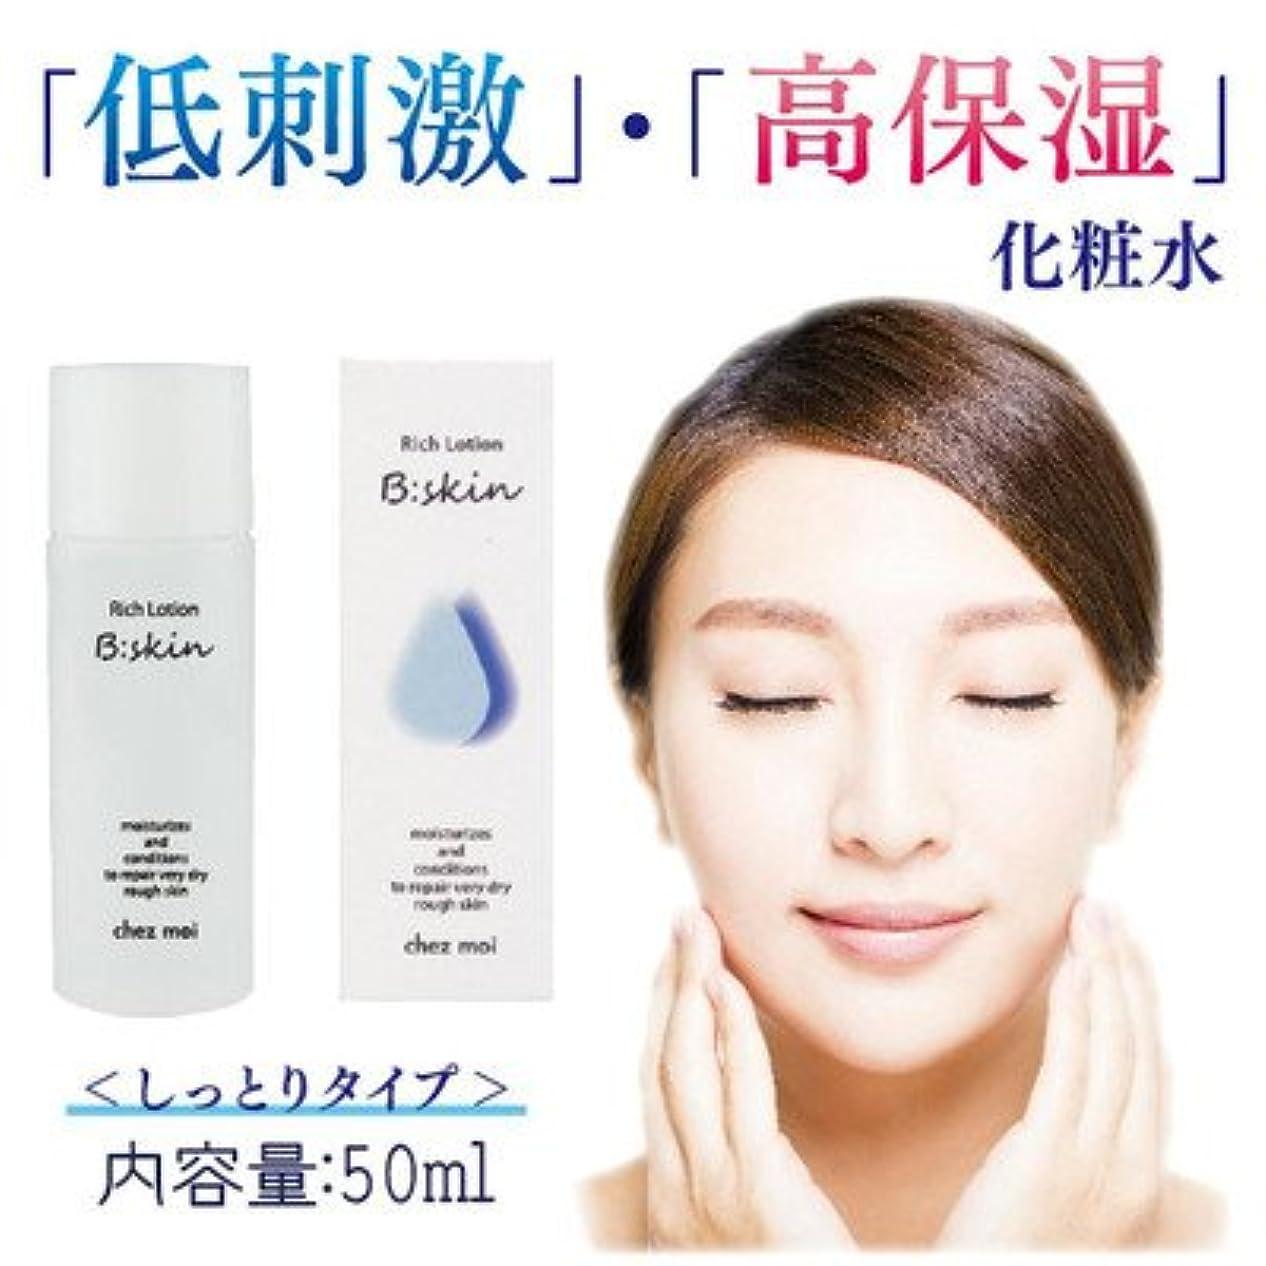 カイウスラインナップしたい低刺激 高保湿 しっとりタイプの化粧水 B:skin ビースキン Rich Lotion リッチローション しっとりタイプ 化粧水 50mL